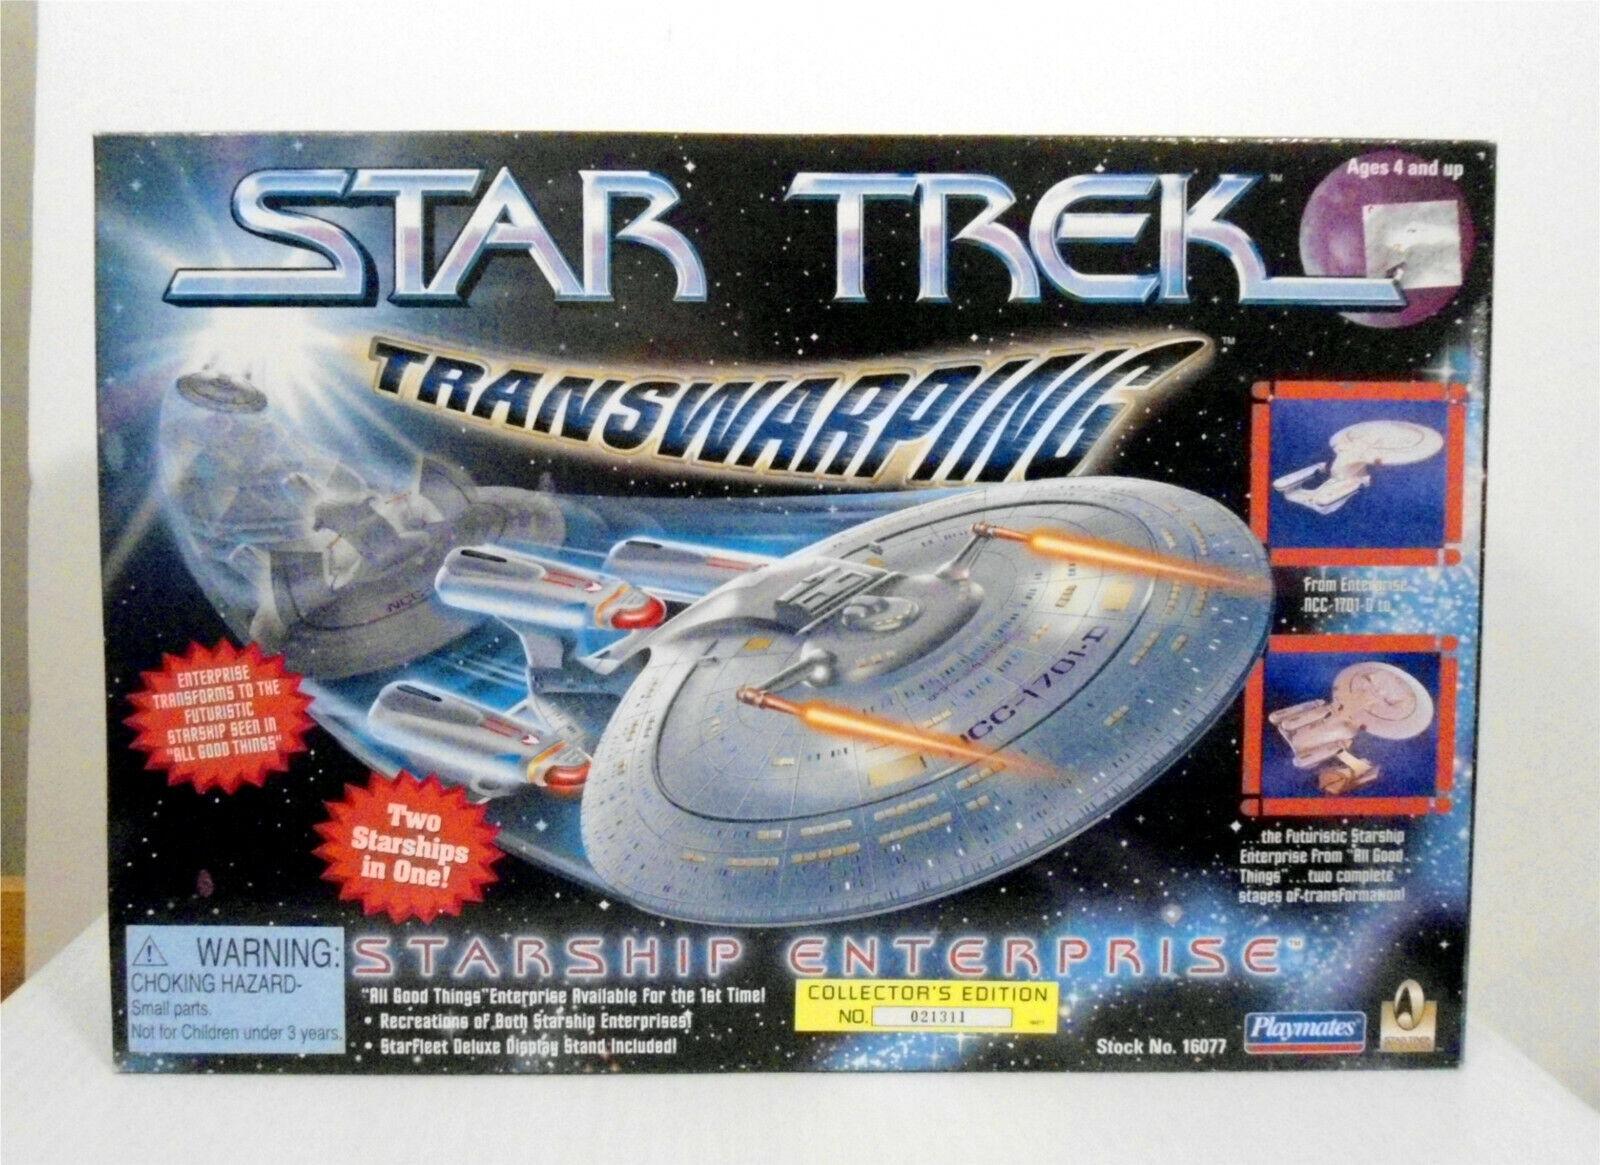 el mas de moda Estrella Trek transwarping Enterprise 1701-D Juguete Menta Menta Menta en caja sellada Jugarmates 1996  diseños exclusivos